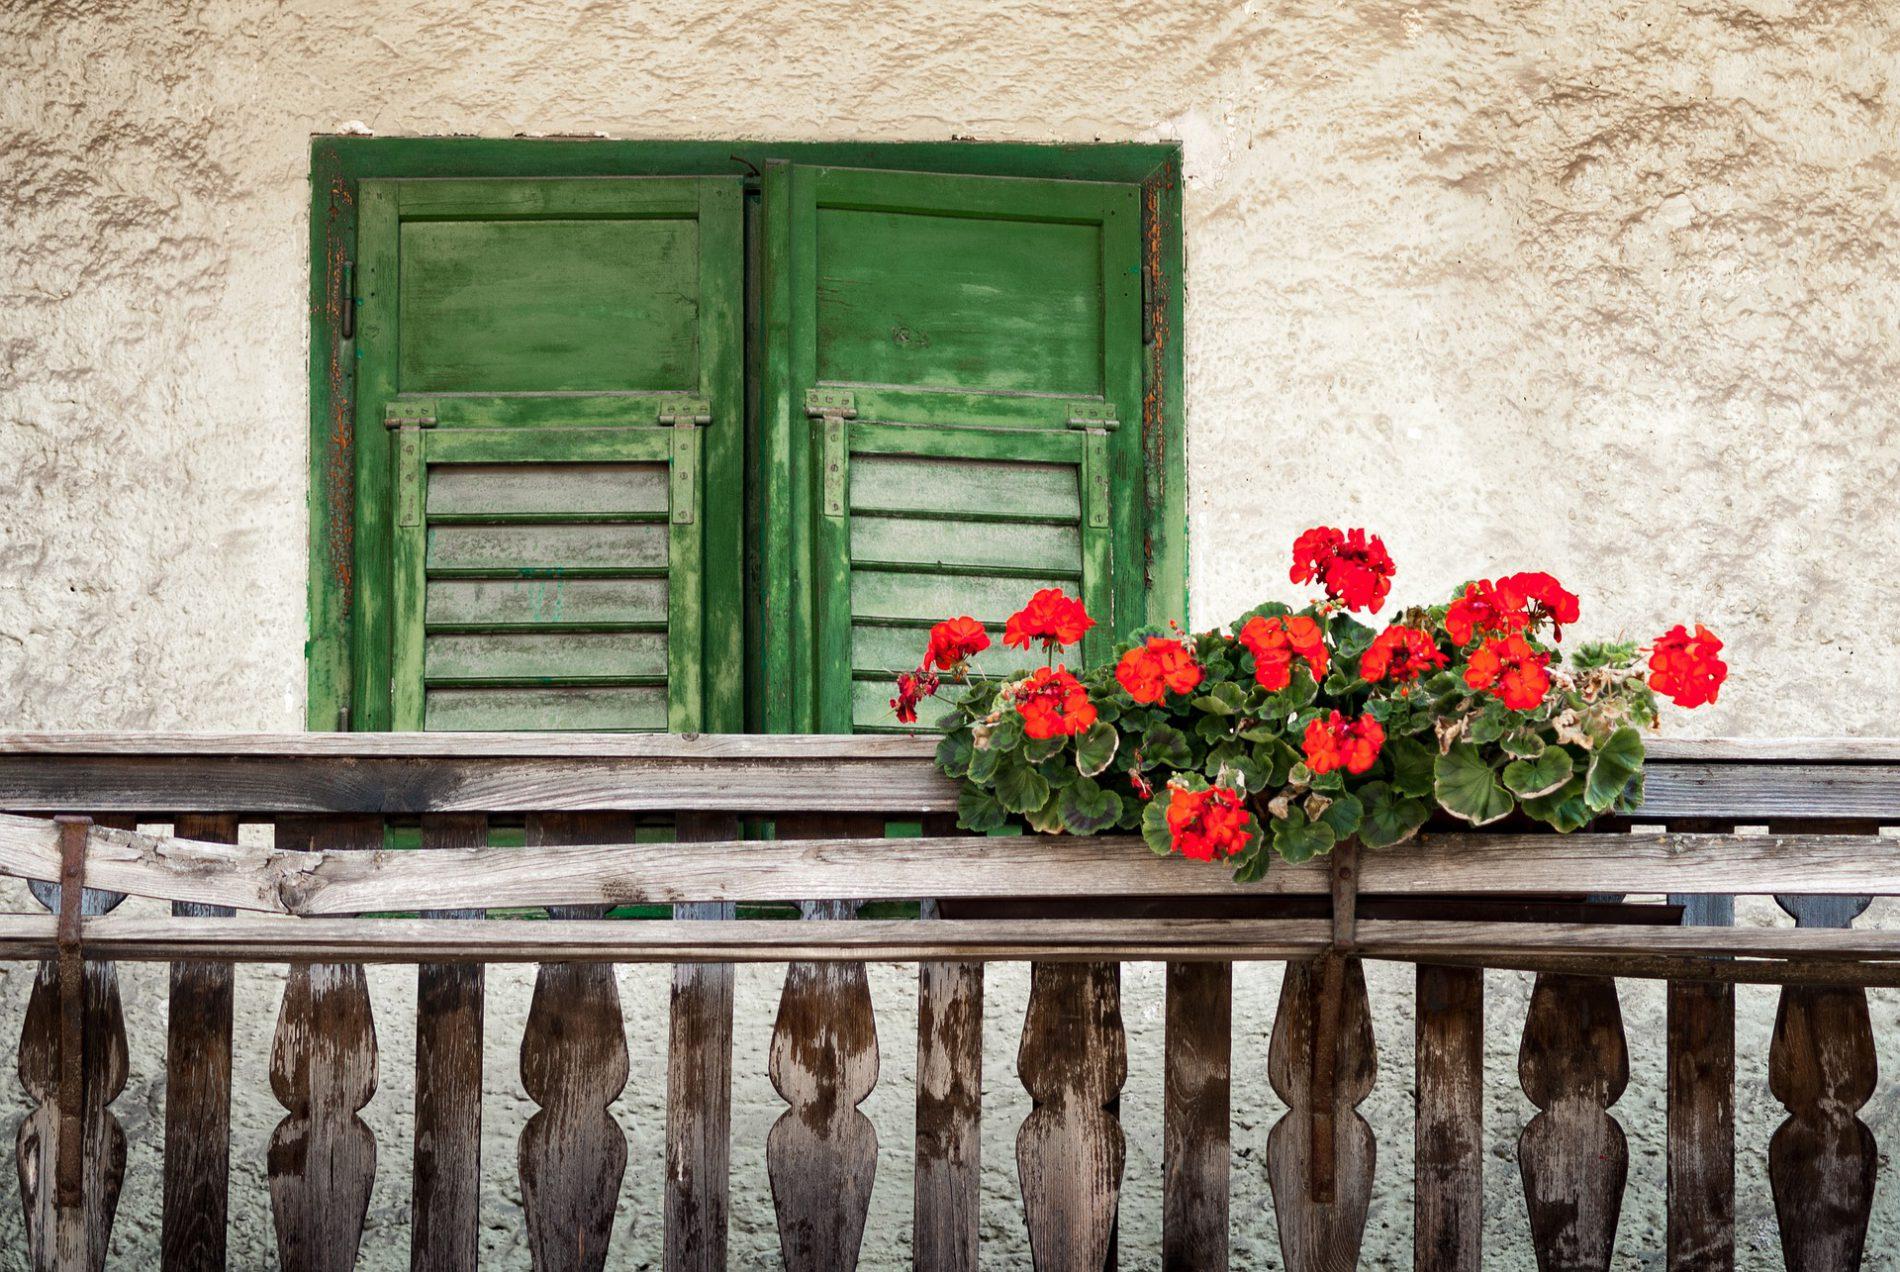 balcony-1700201_1920